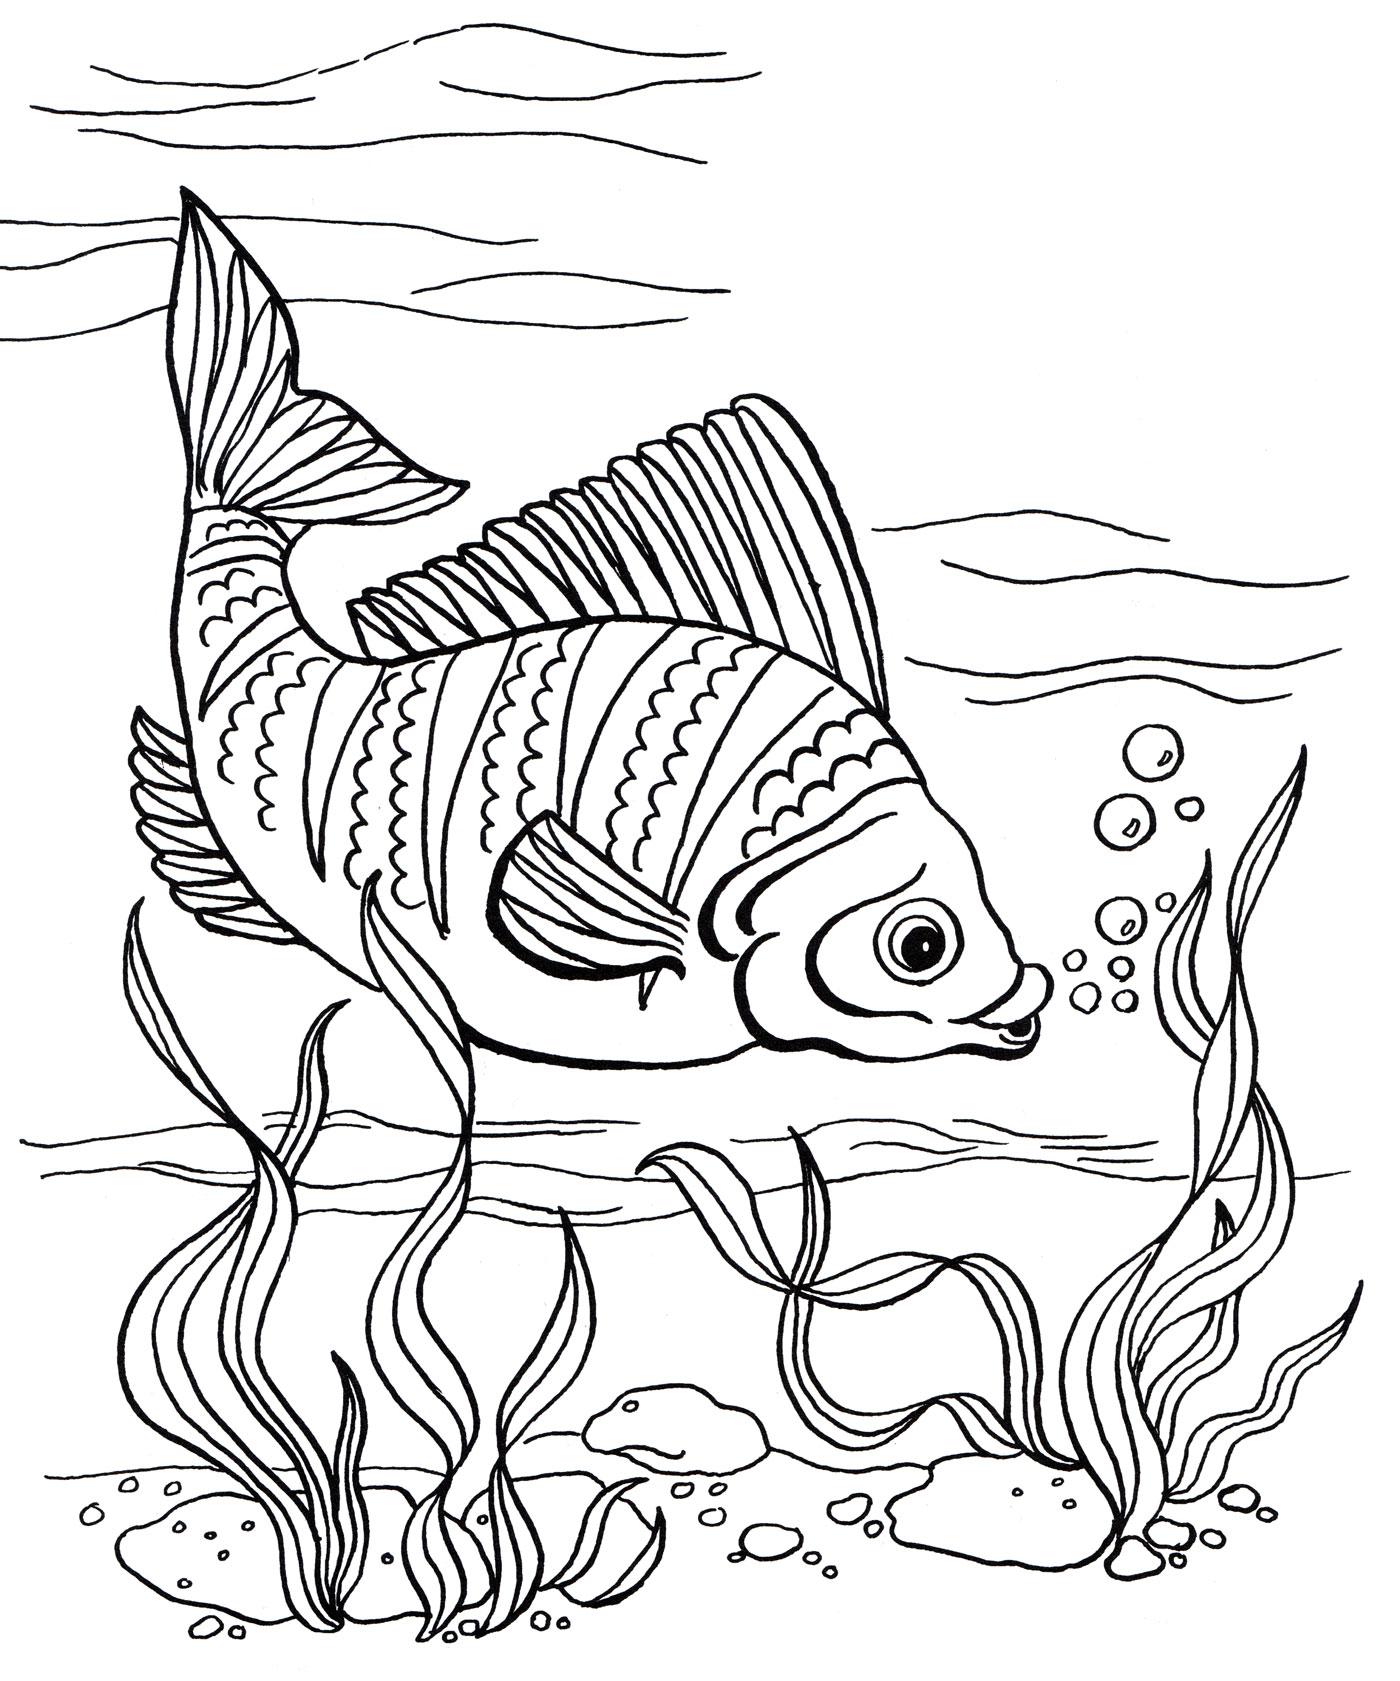 Раскраска Рыба в водорослях - распечатать бесплатно